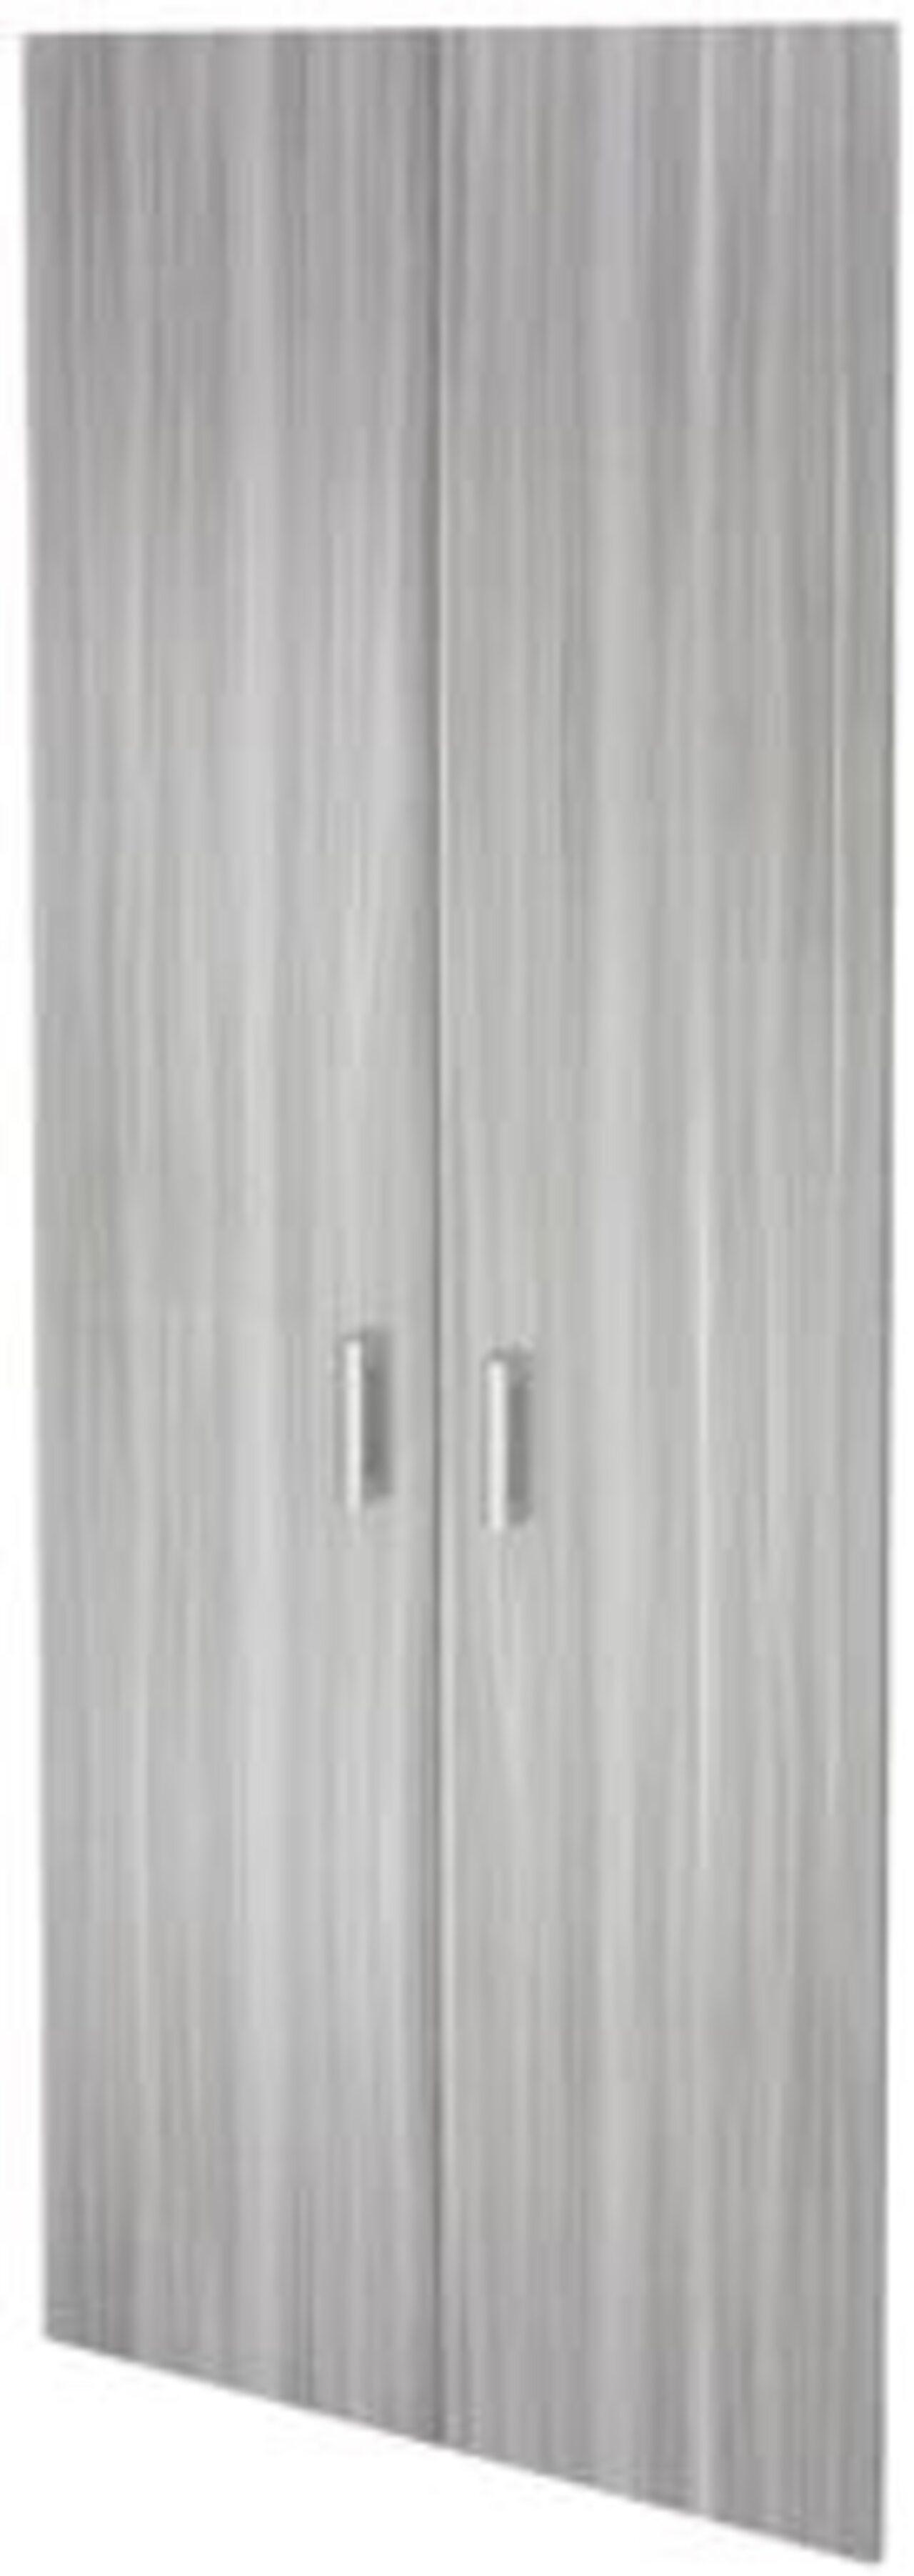 Двери из ЛДСП к широким стеллажам  Аргентум 78x2x195 - фото 5